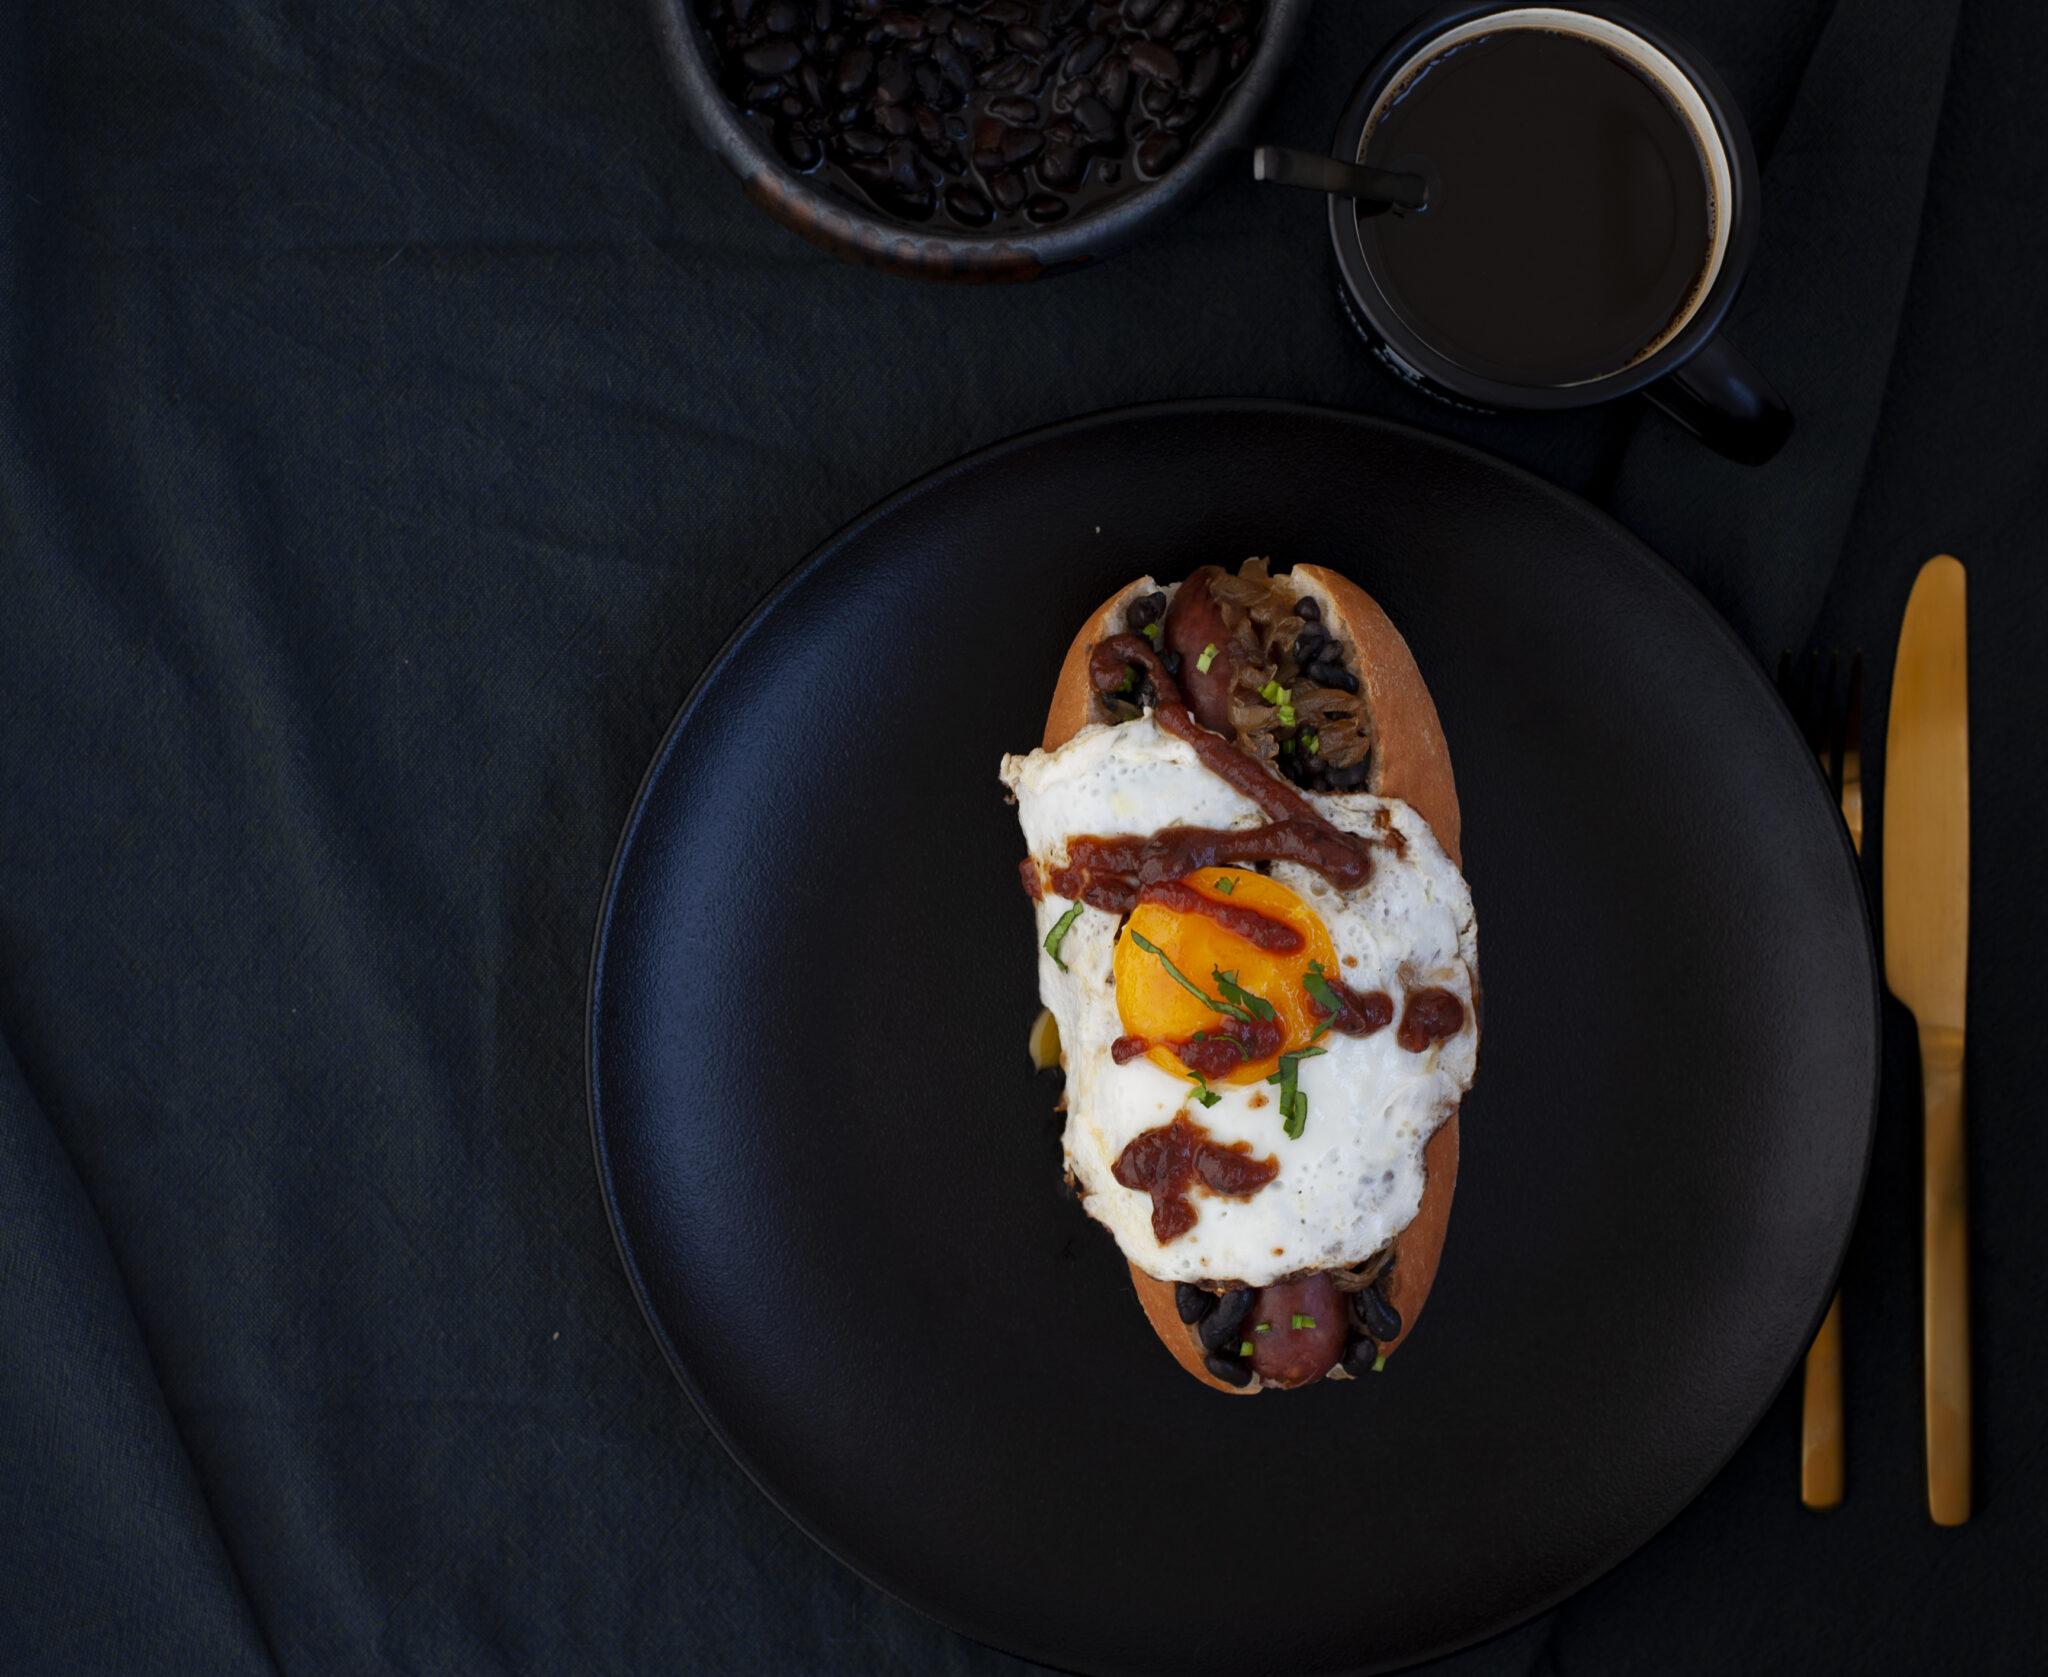 gestylde foodfotografie van hot dogs